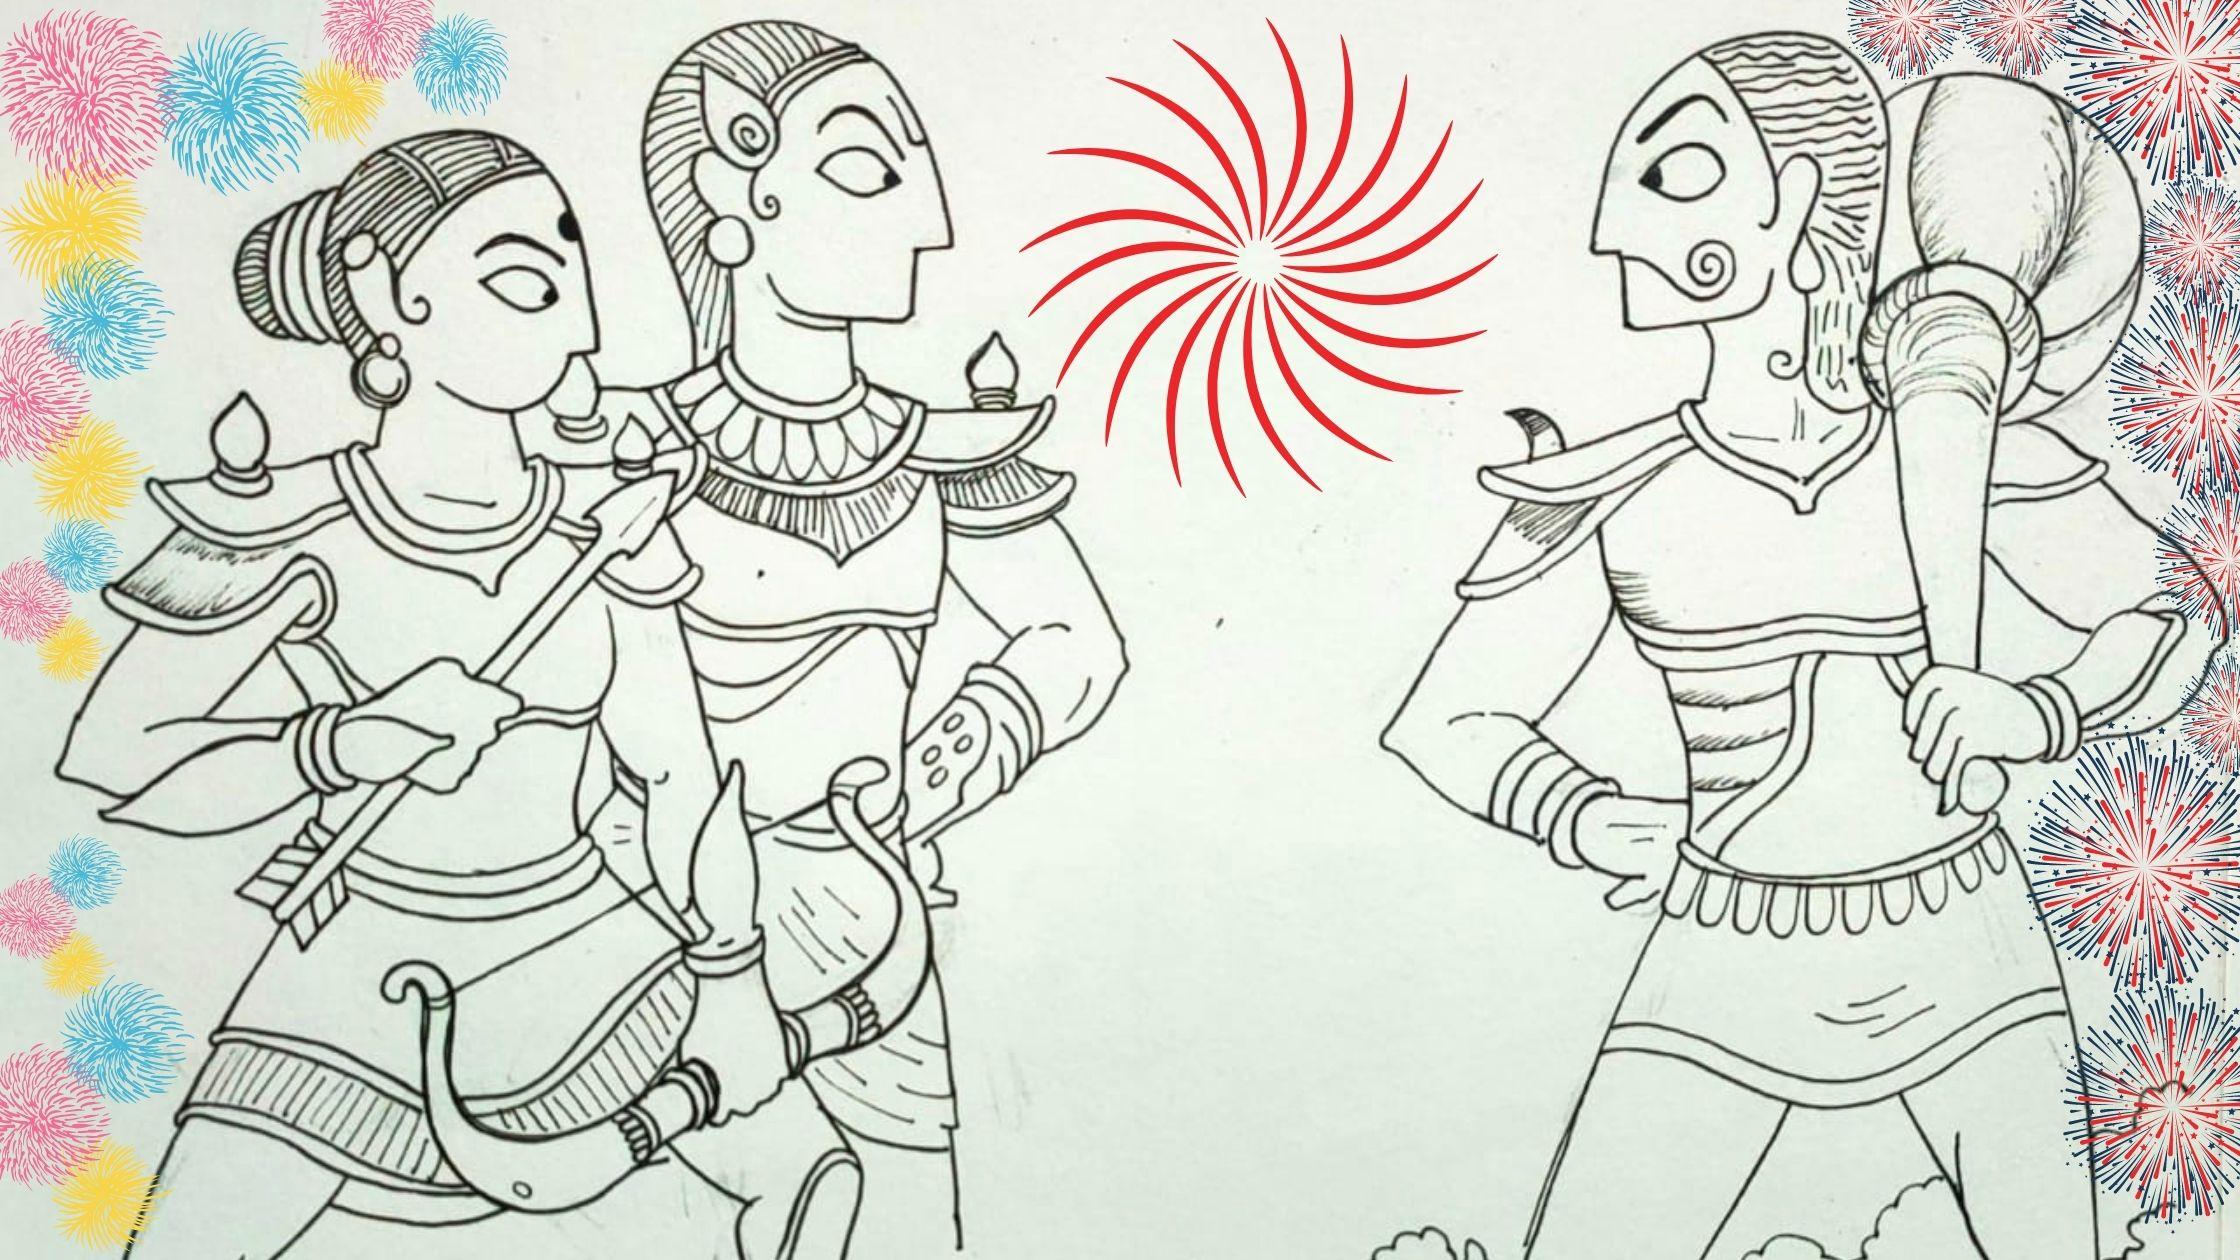 Sathyabama: The Shero of Diwali